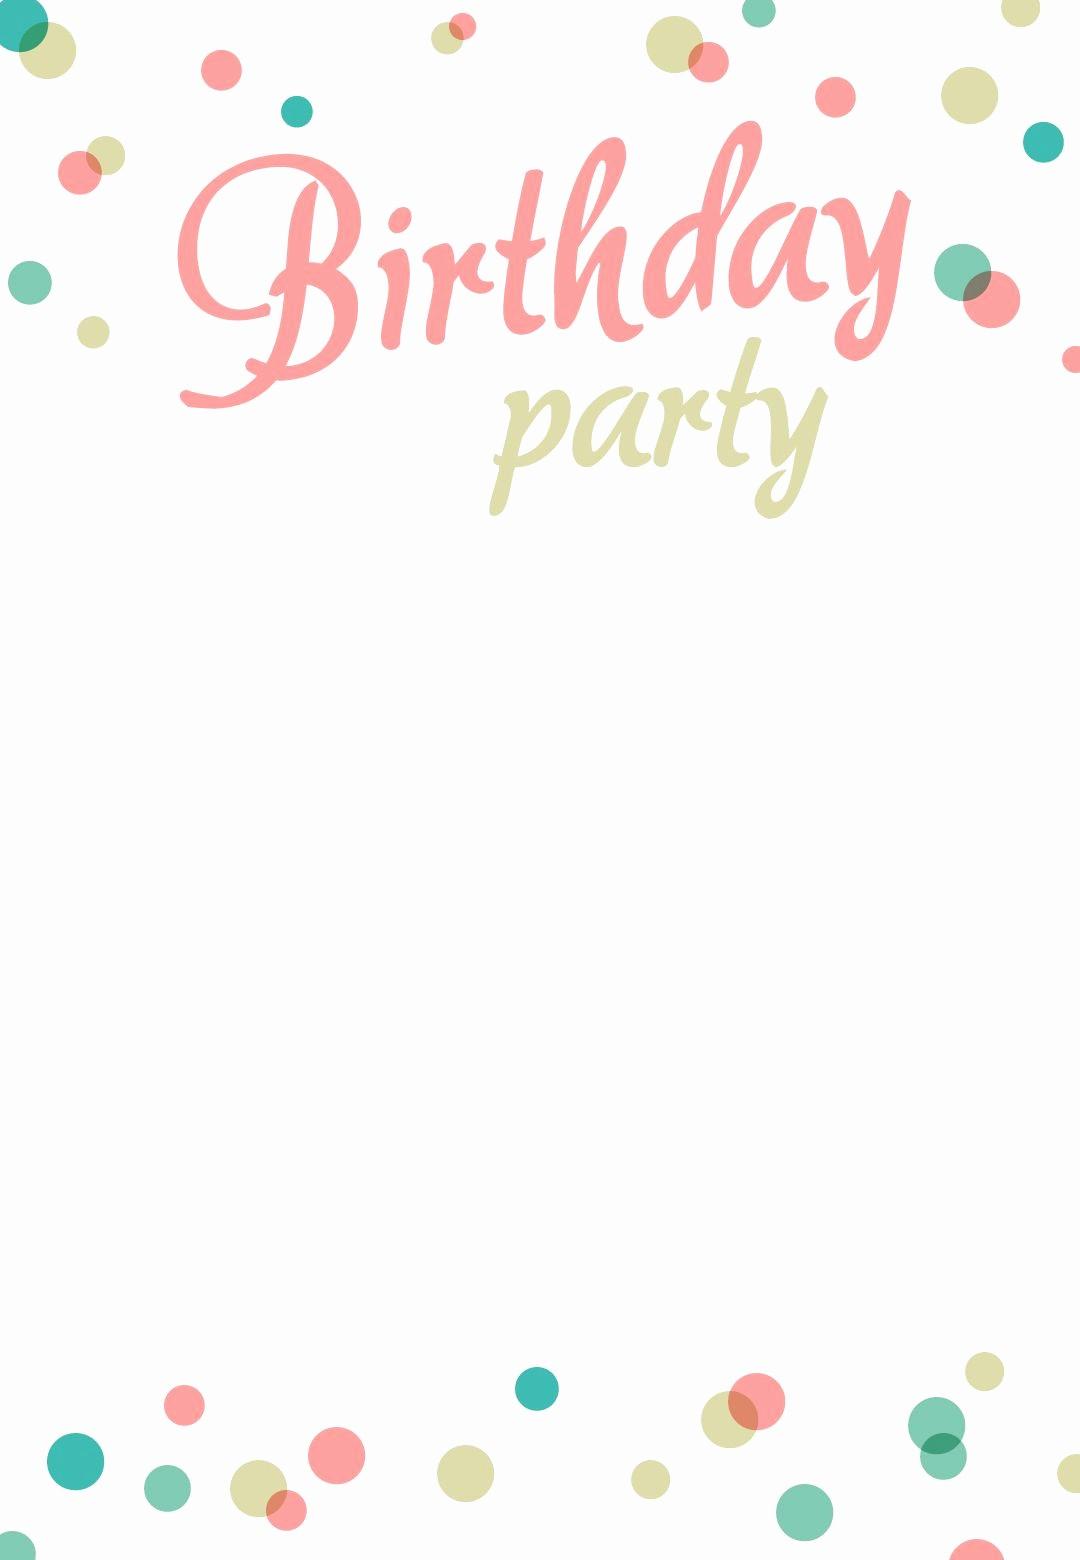 Invitation format for Birthday Party Elegant Birthday Party Invitation Free Printable